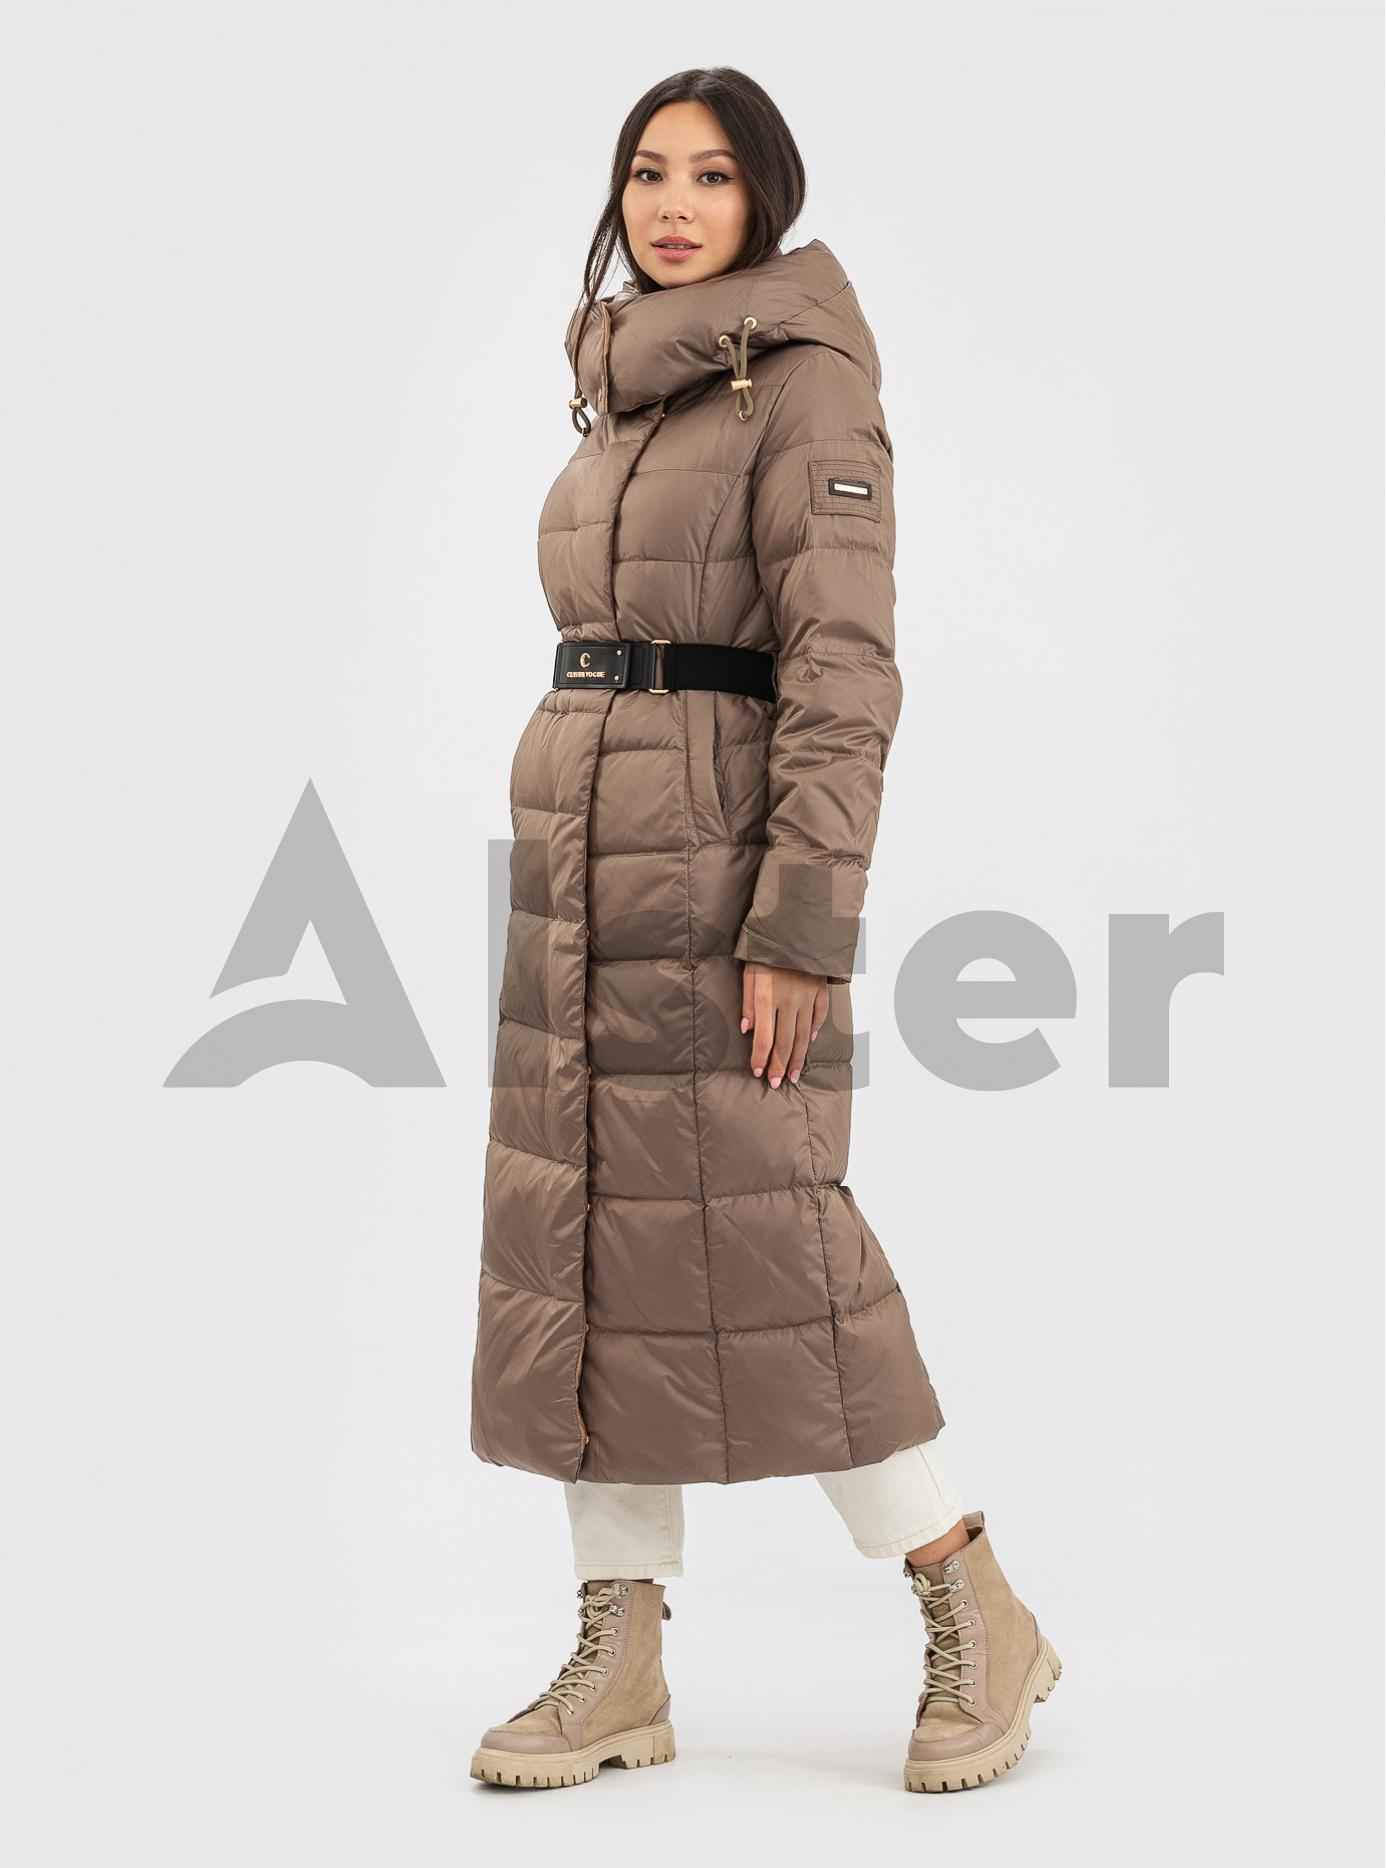 Пуховик зимний длинный с поясом CLASNA CW21D255DW Фисташковый S (01-N200539): фото - Alster.ua